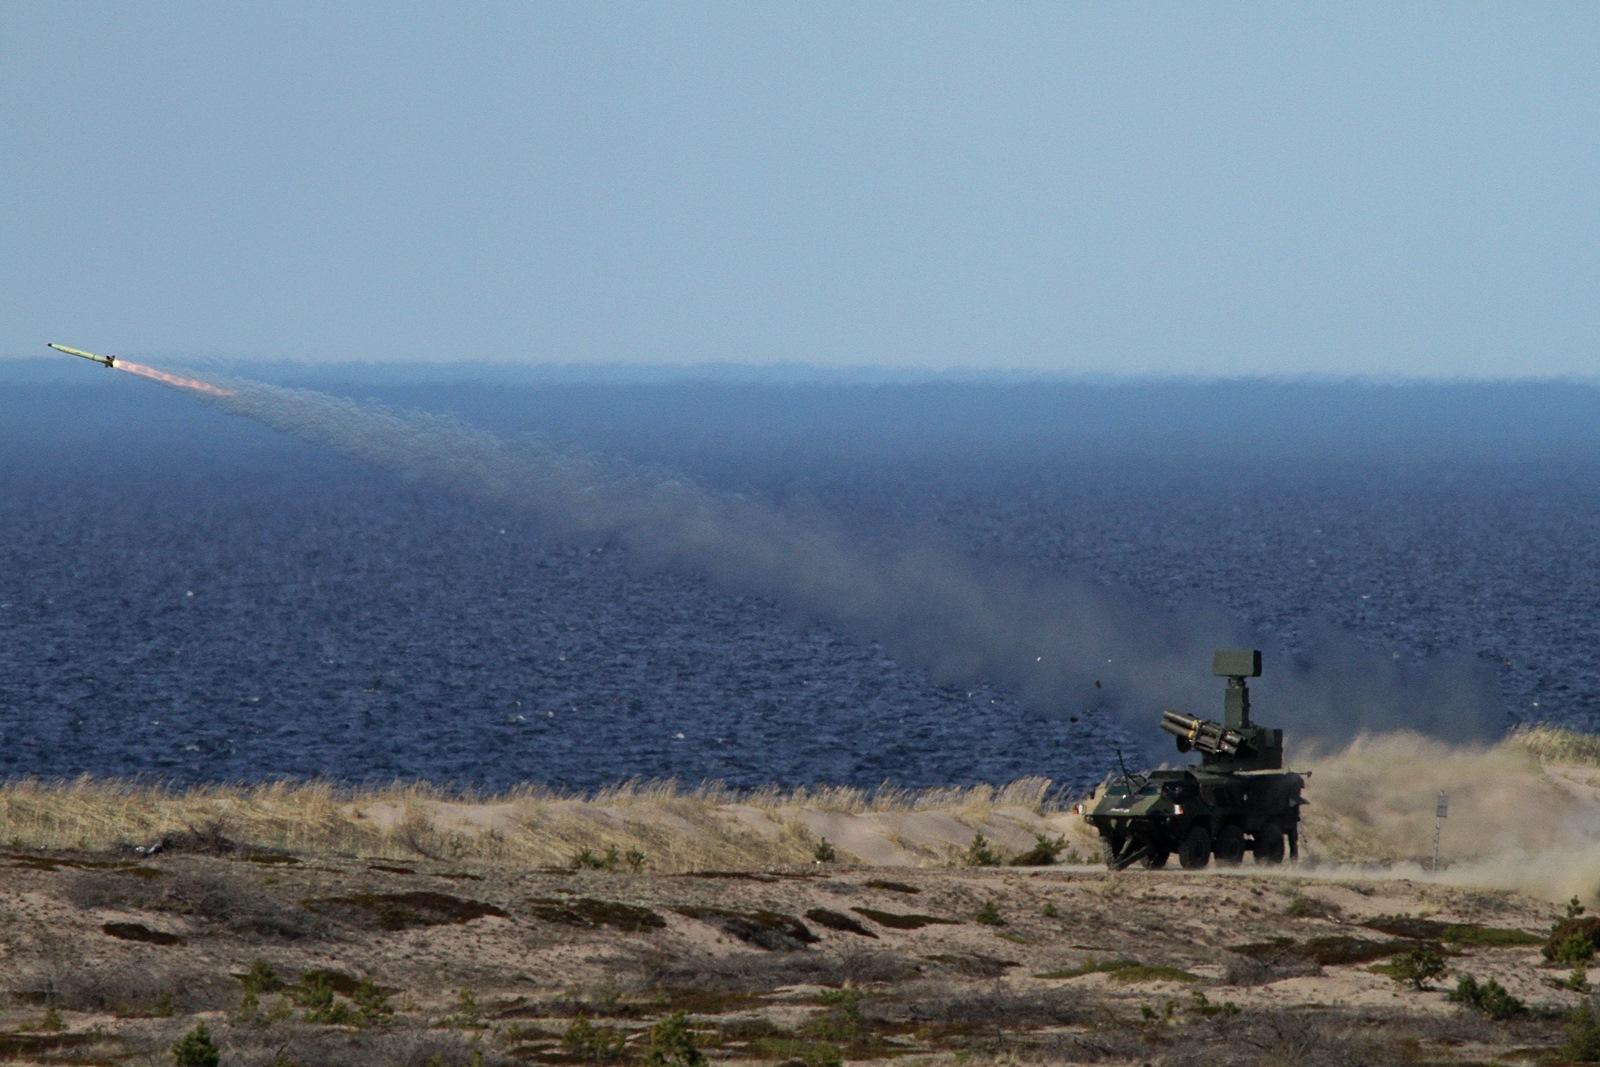 핀란드육군 ITO 90MOD 대공미사일 (Crotale NG)..